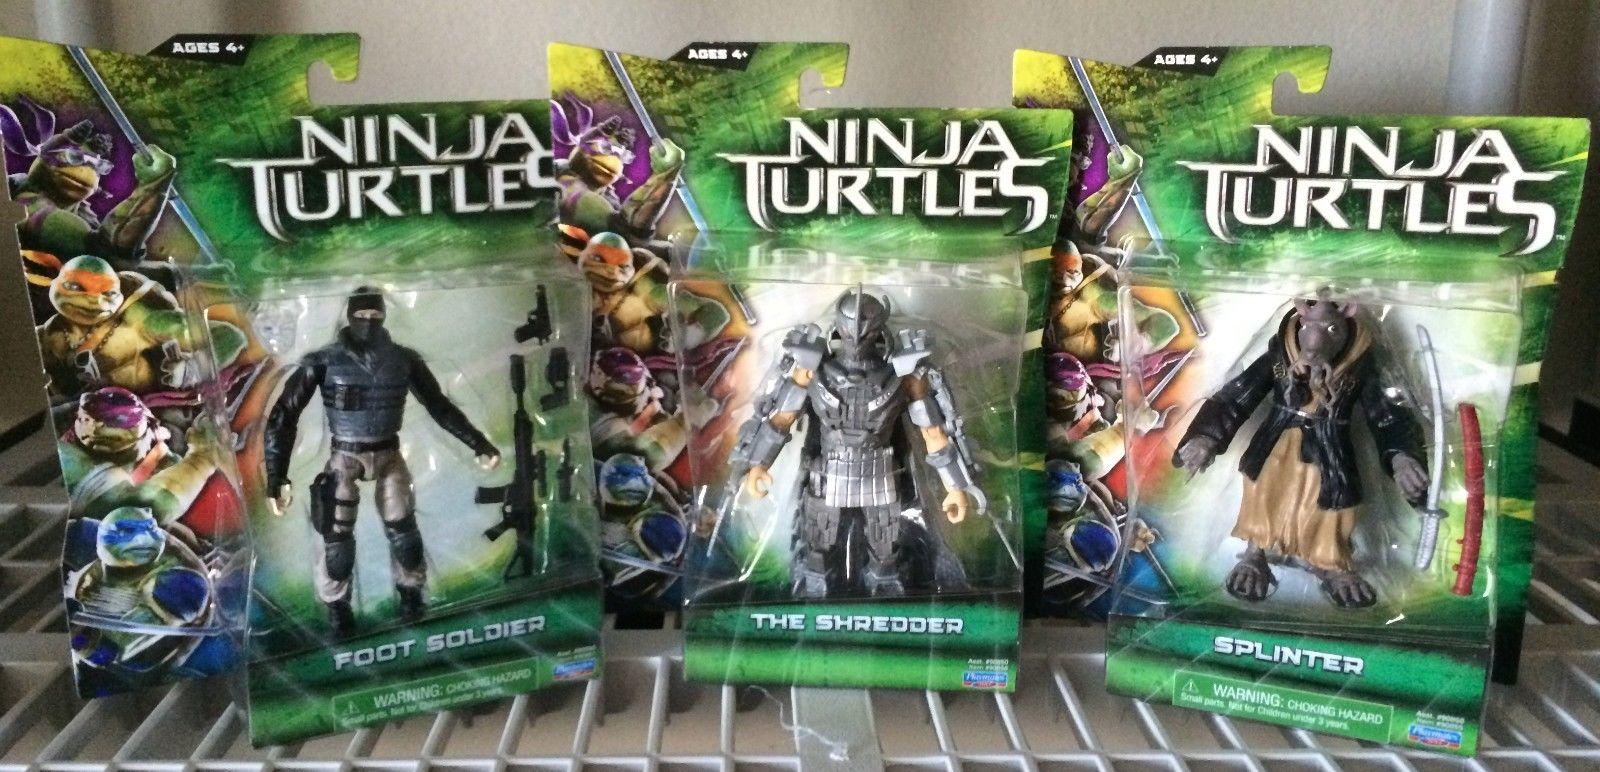 teenage mutant ninja turtles 2014 movie toys new images